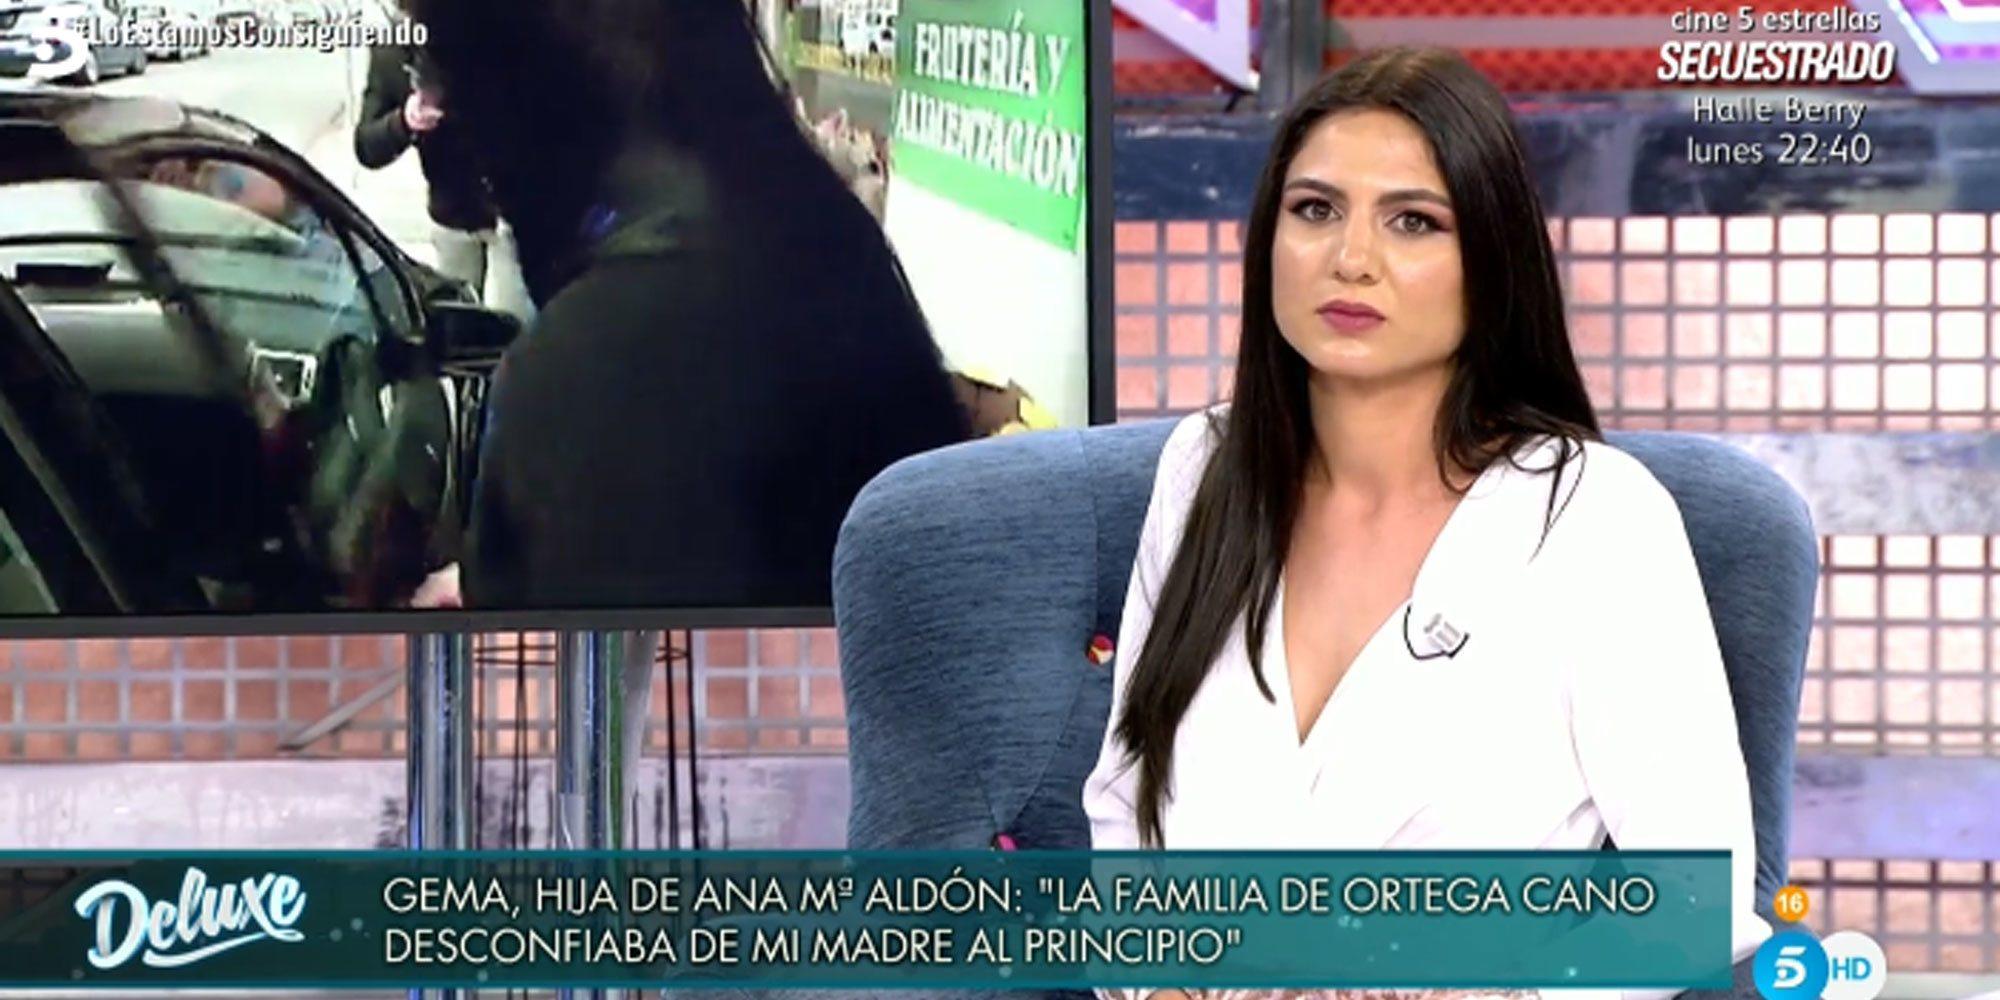 La hija de Ana María Aldón aclara su relación con Gloria Camila y reconoce el apoyo que le ofrece Ortega Cano